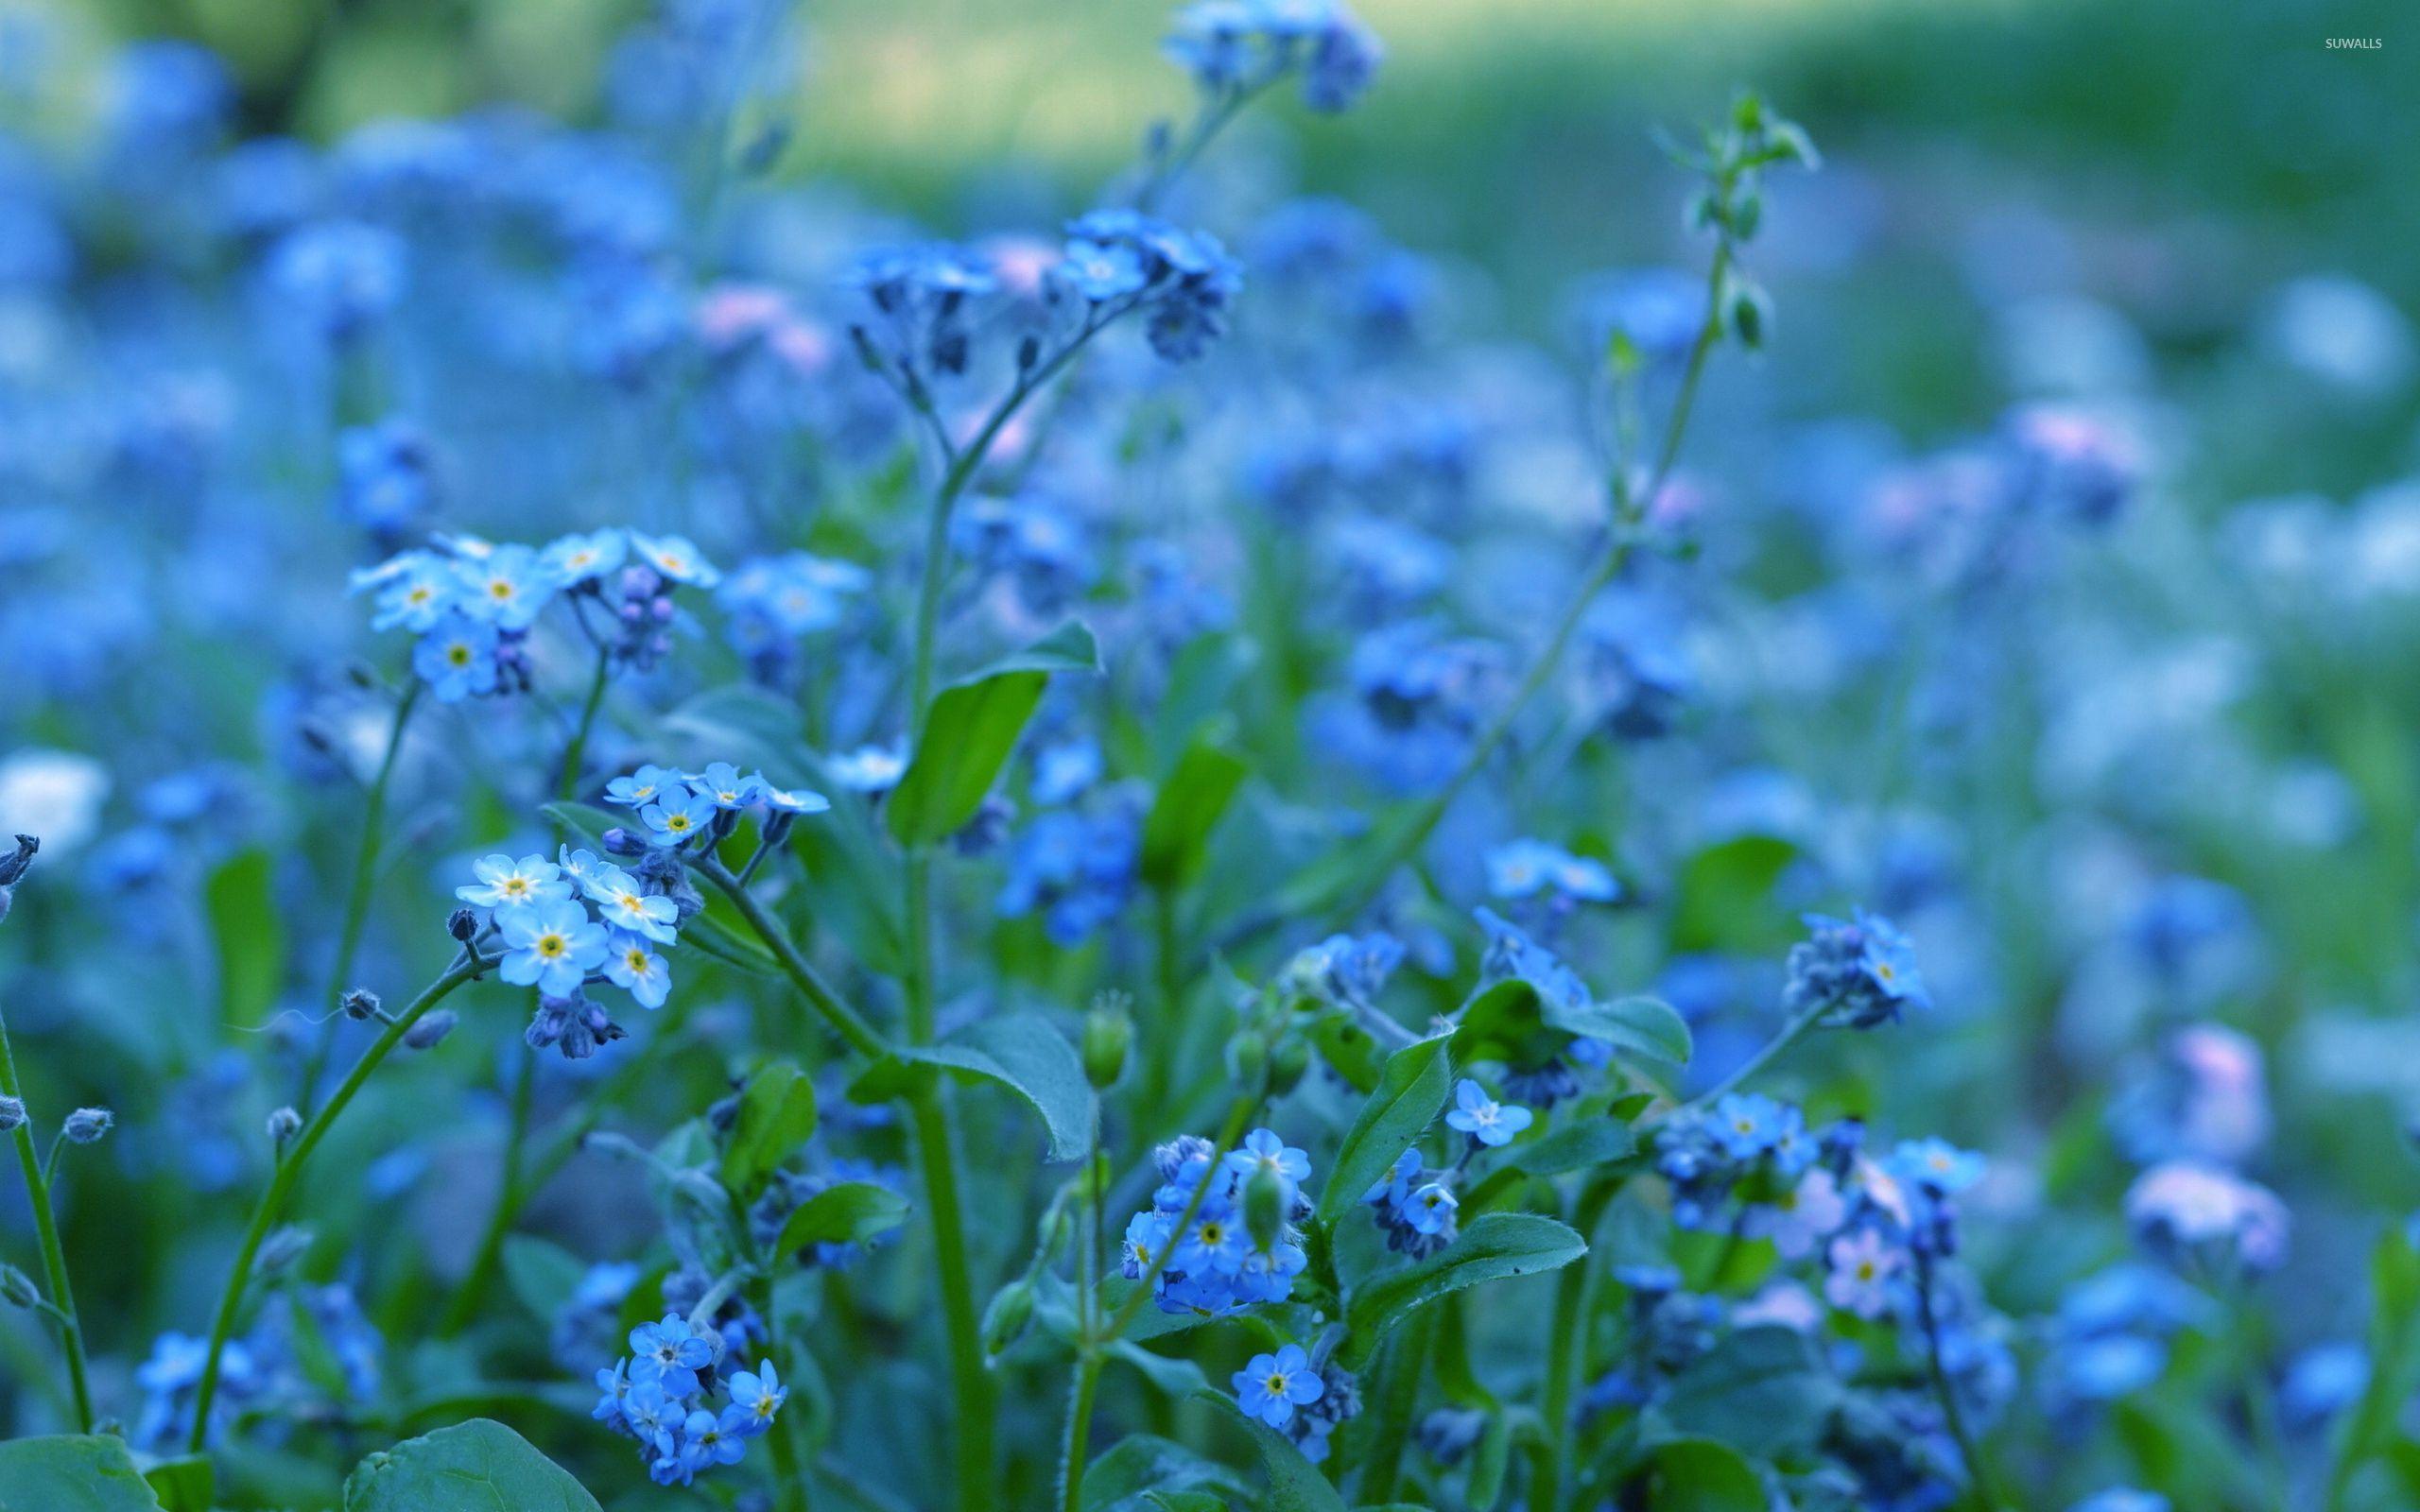 природа цветы синие трава бесплатно